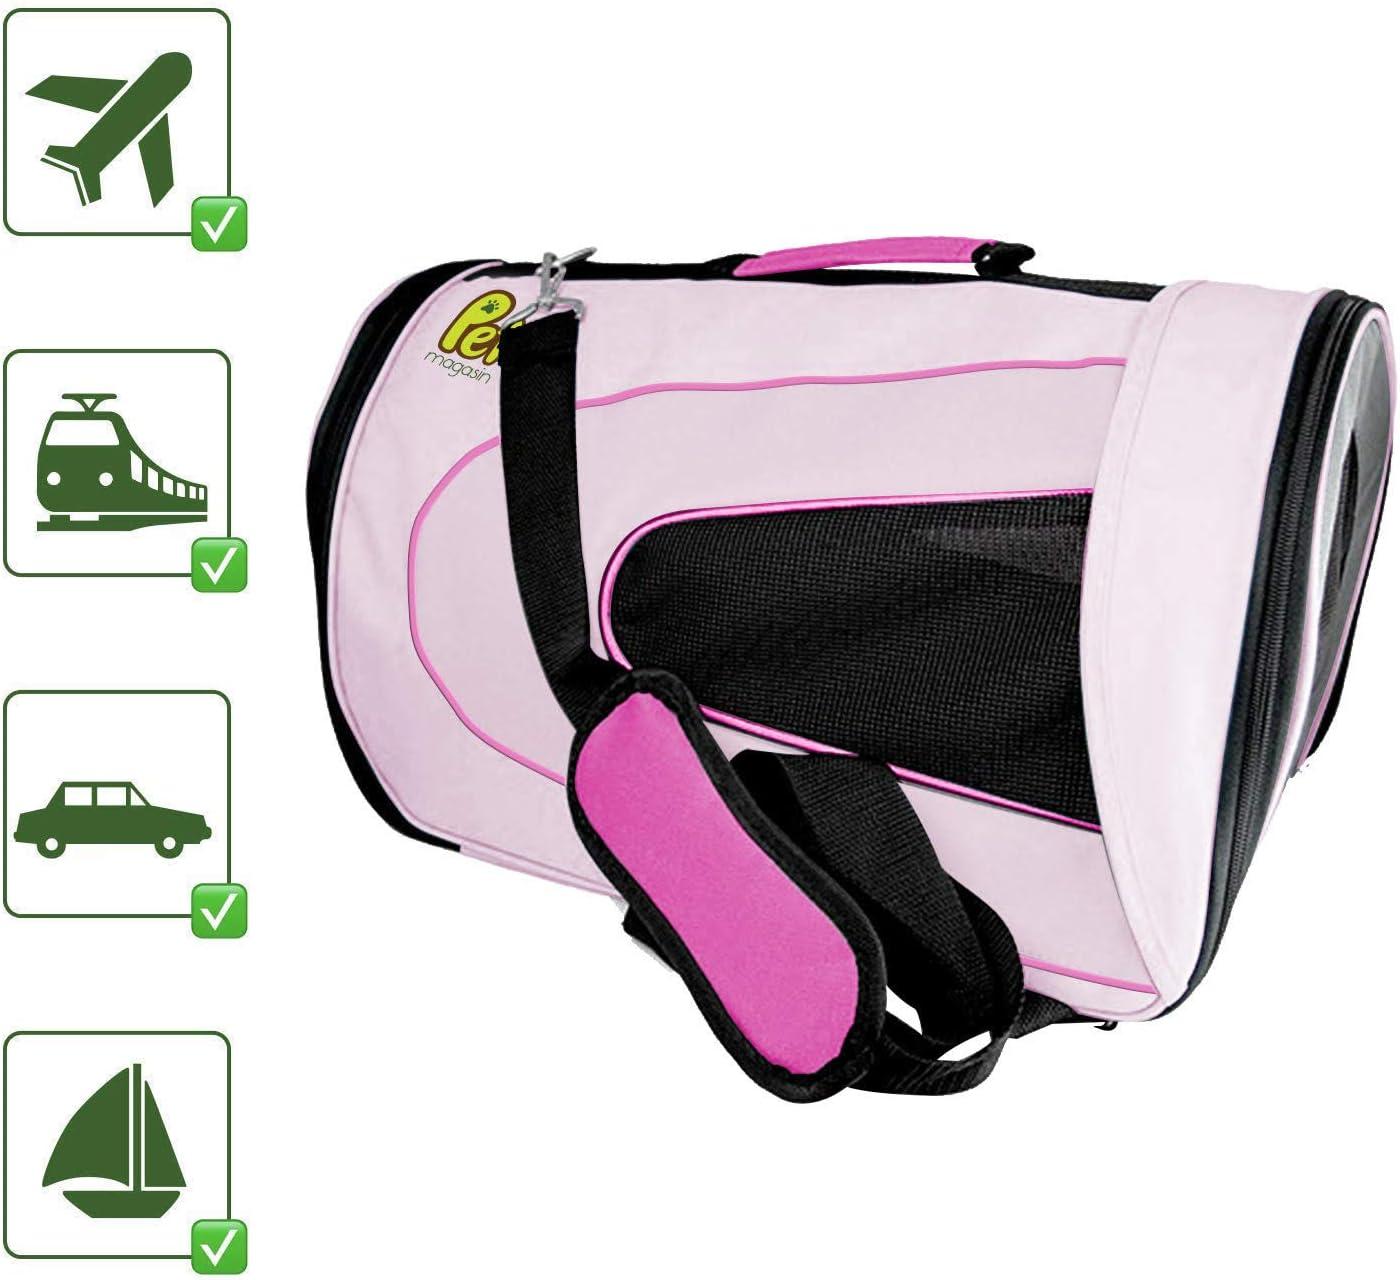 PET MAGASIN Transportín de Mascotas Plegable – Bolsa de Transporte Acolchada con Lados Blandos – Bolso de Viaje para Perros pequeños, Gatos y Cachorros, ventilación Superior (Grande, Pink)